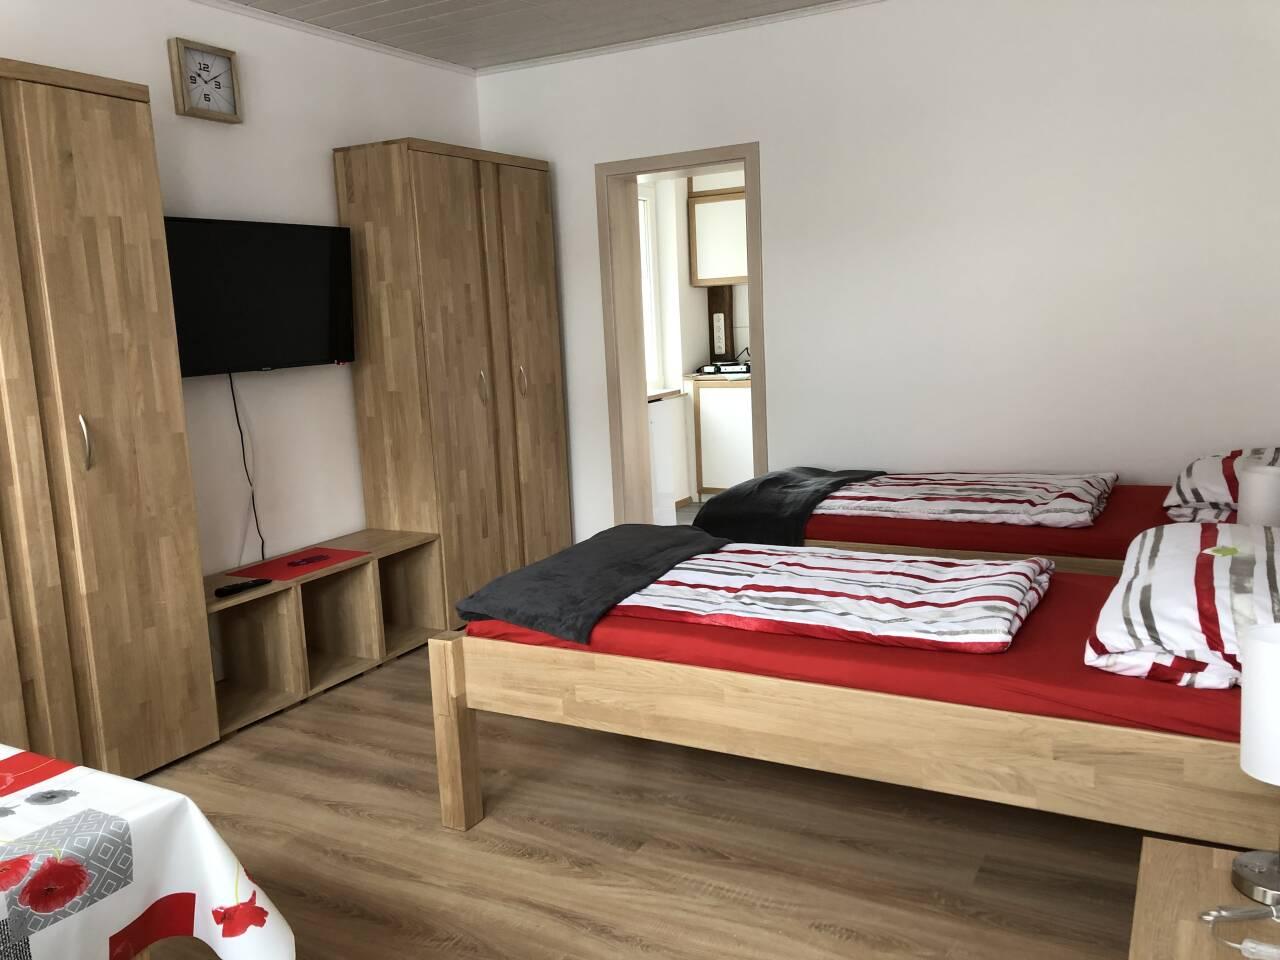 Wohnraum Rahden Monteurs und Ferienwohnung - Schlafen wie Zuhause